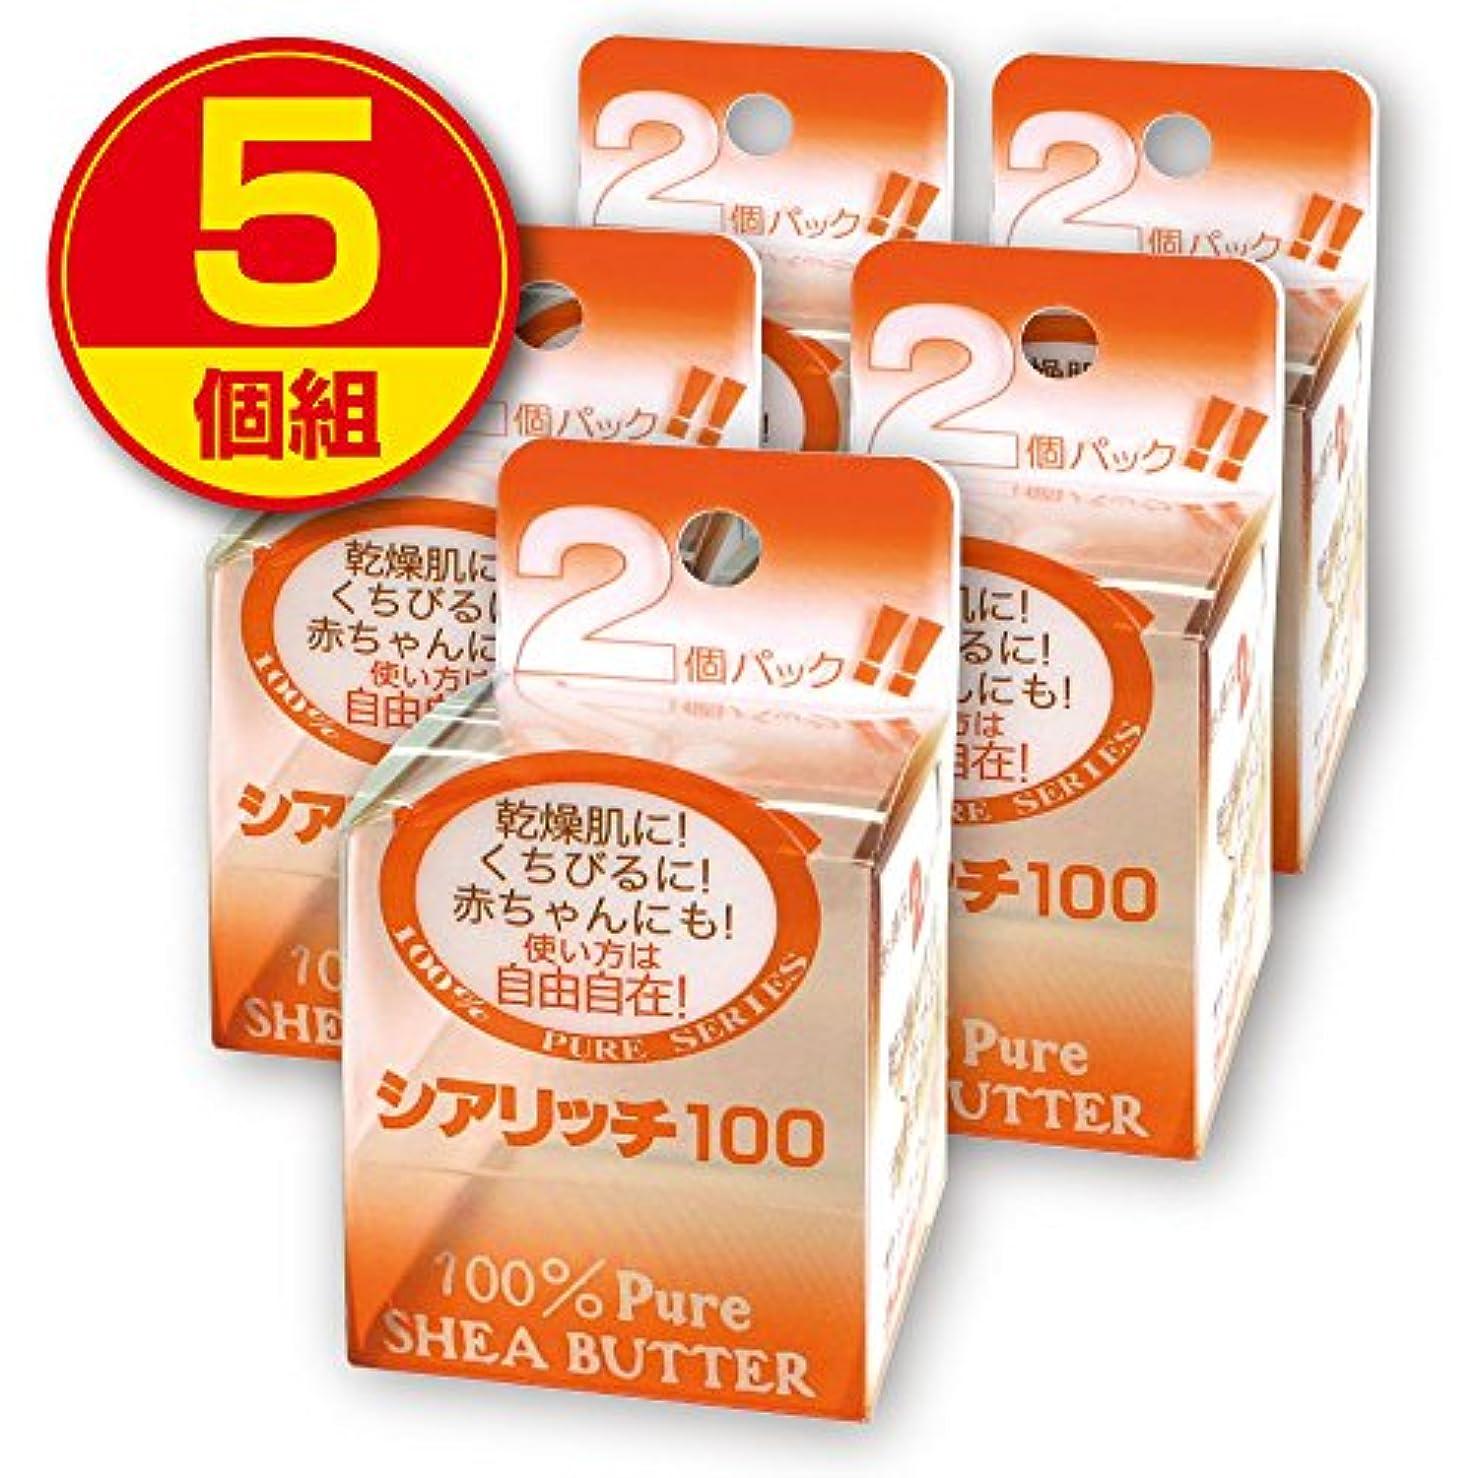 知事くちばしモーション日本天然物研究所 シアリッチ100 (8g×2個入り)【5個組】(無添加100%シアバター)無香料